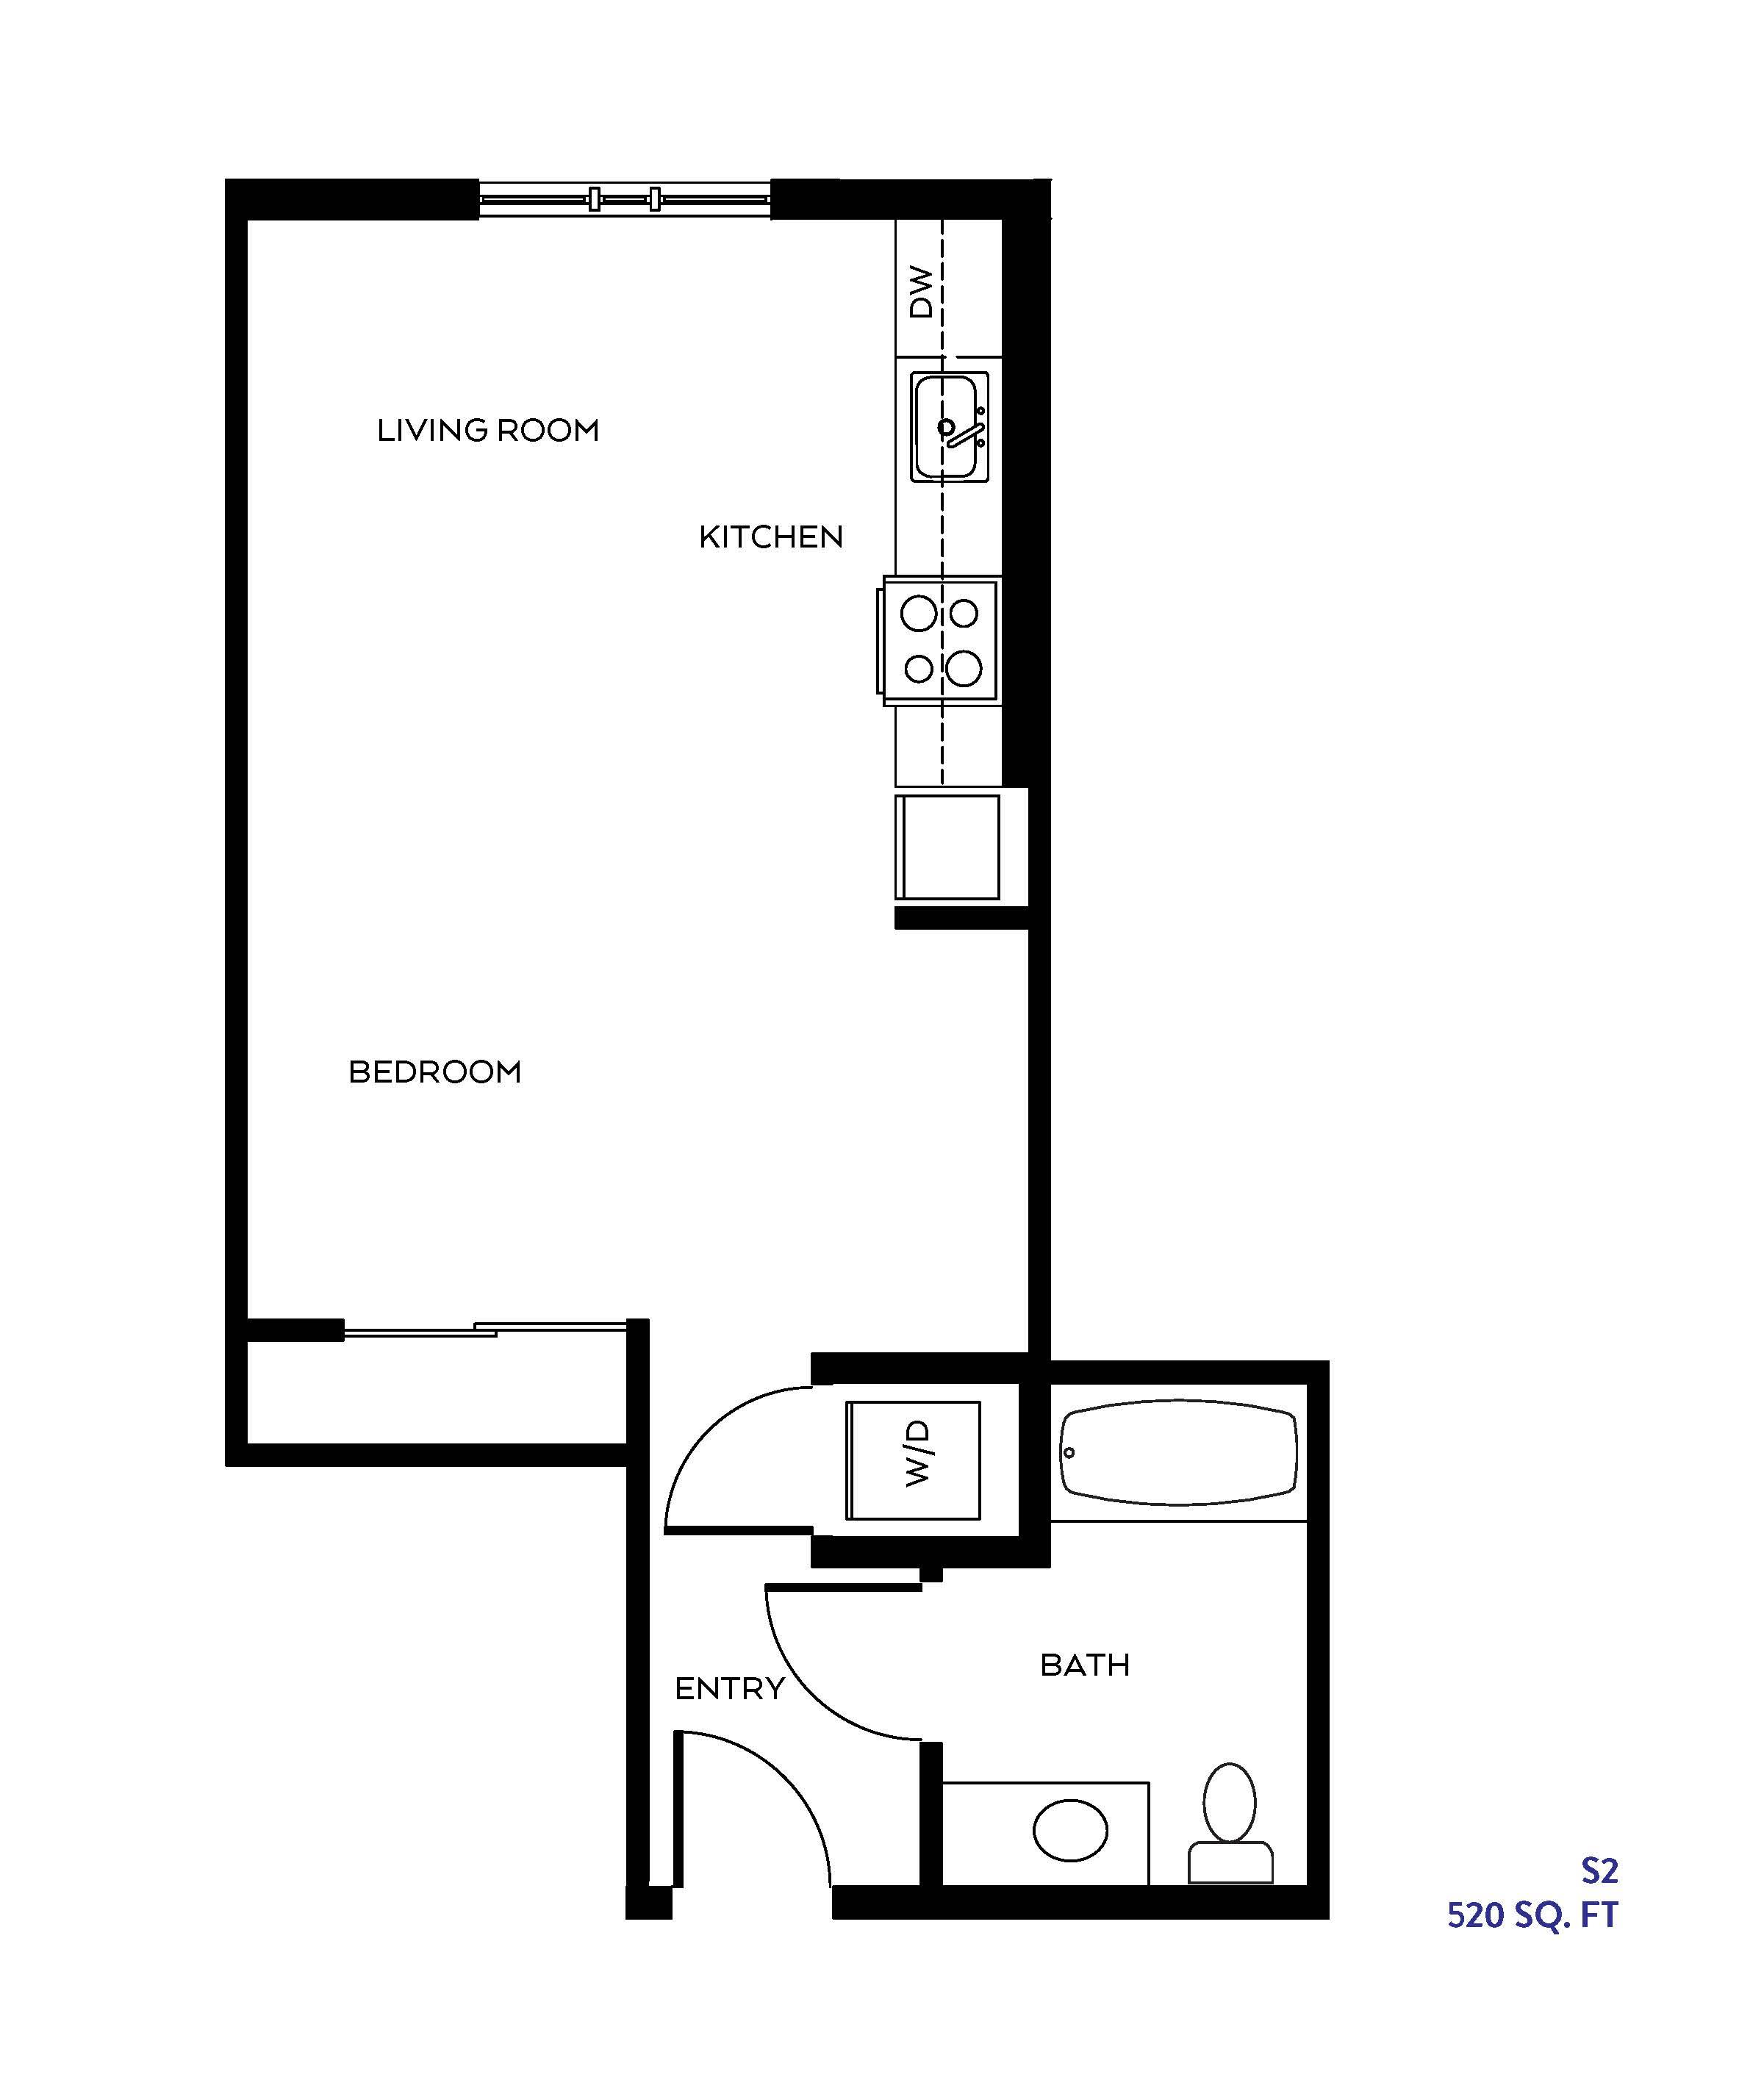 The S2 floor plan